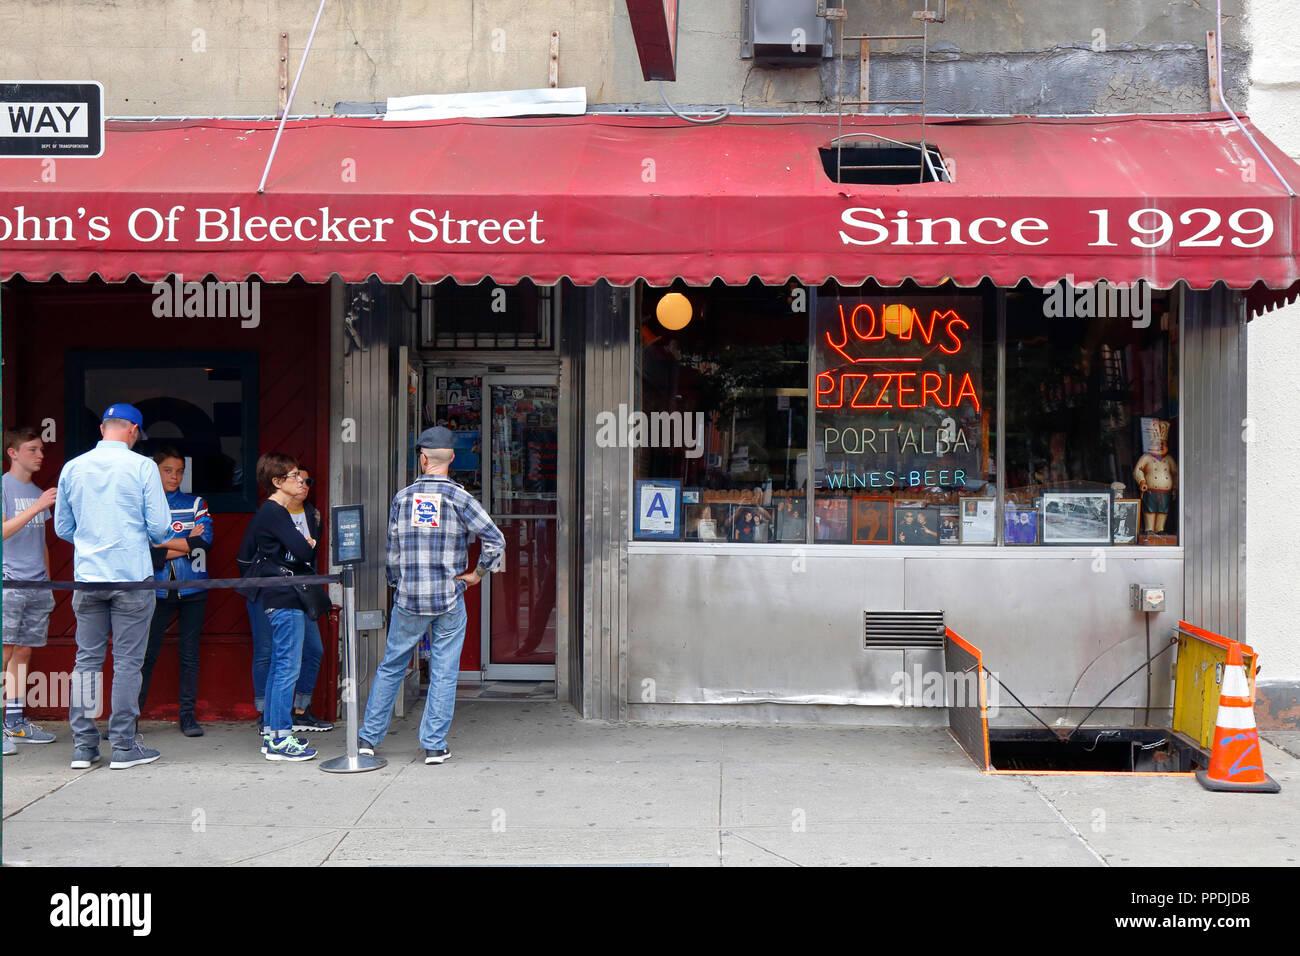 John's of Bleecker St., 278 Bleecker St, New York, NY - Stock Image